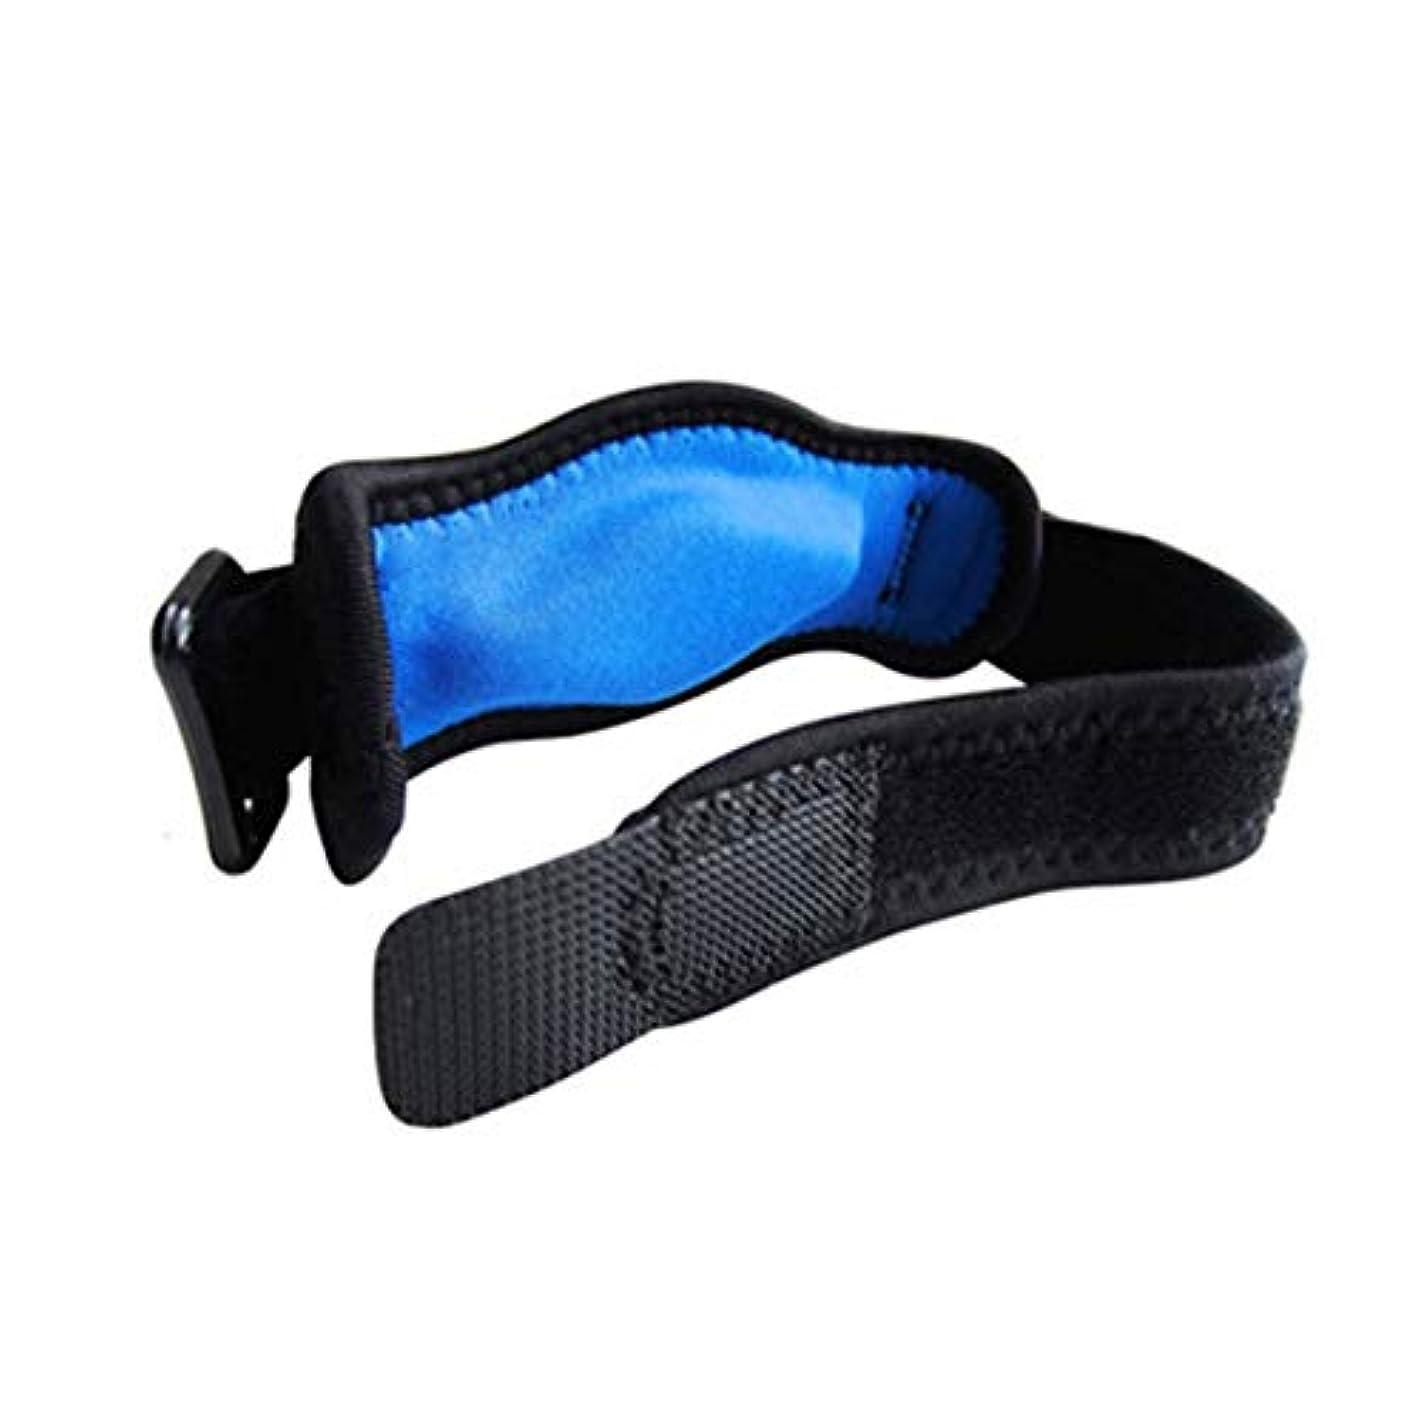 結紮それに応じて香り調節可能なテニス肘サポートストラップブレースゴルフ前腕痛み緩和 - 黒